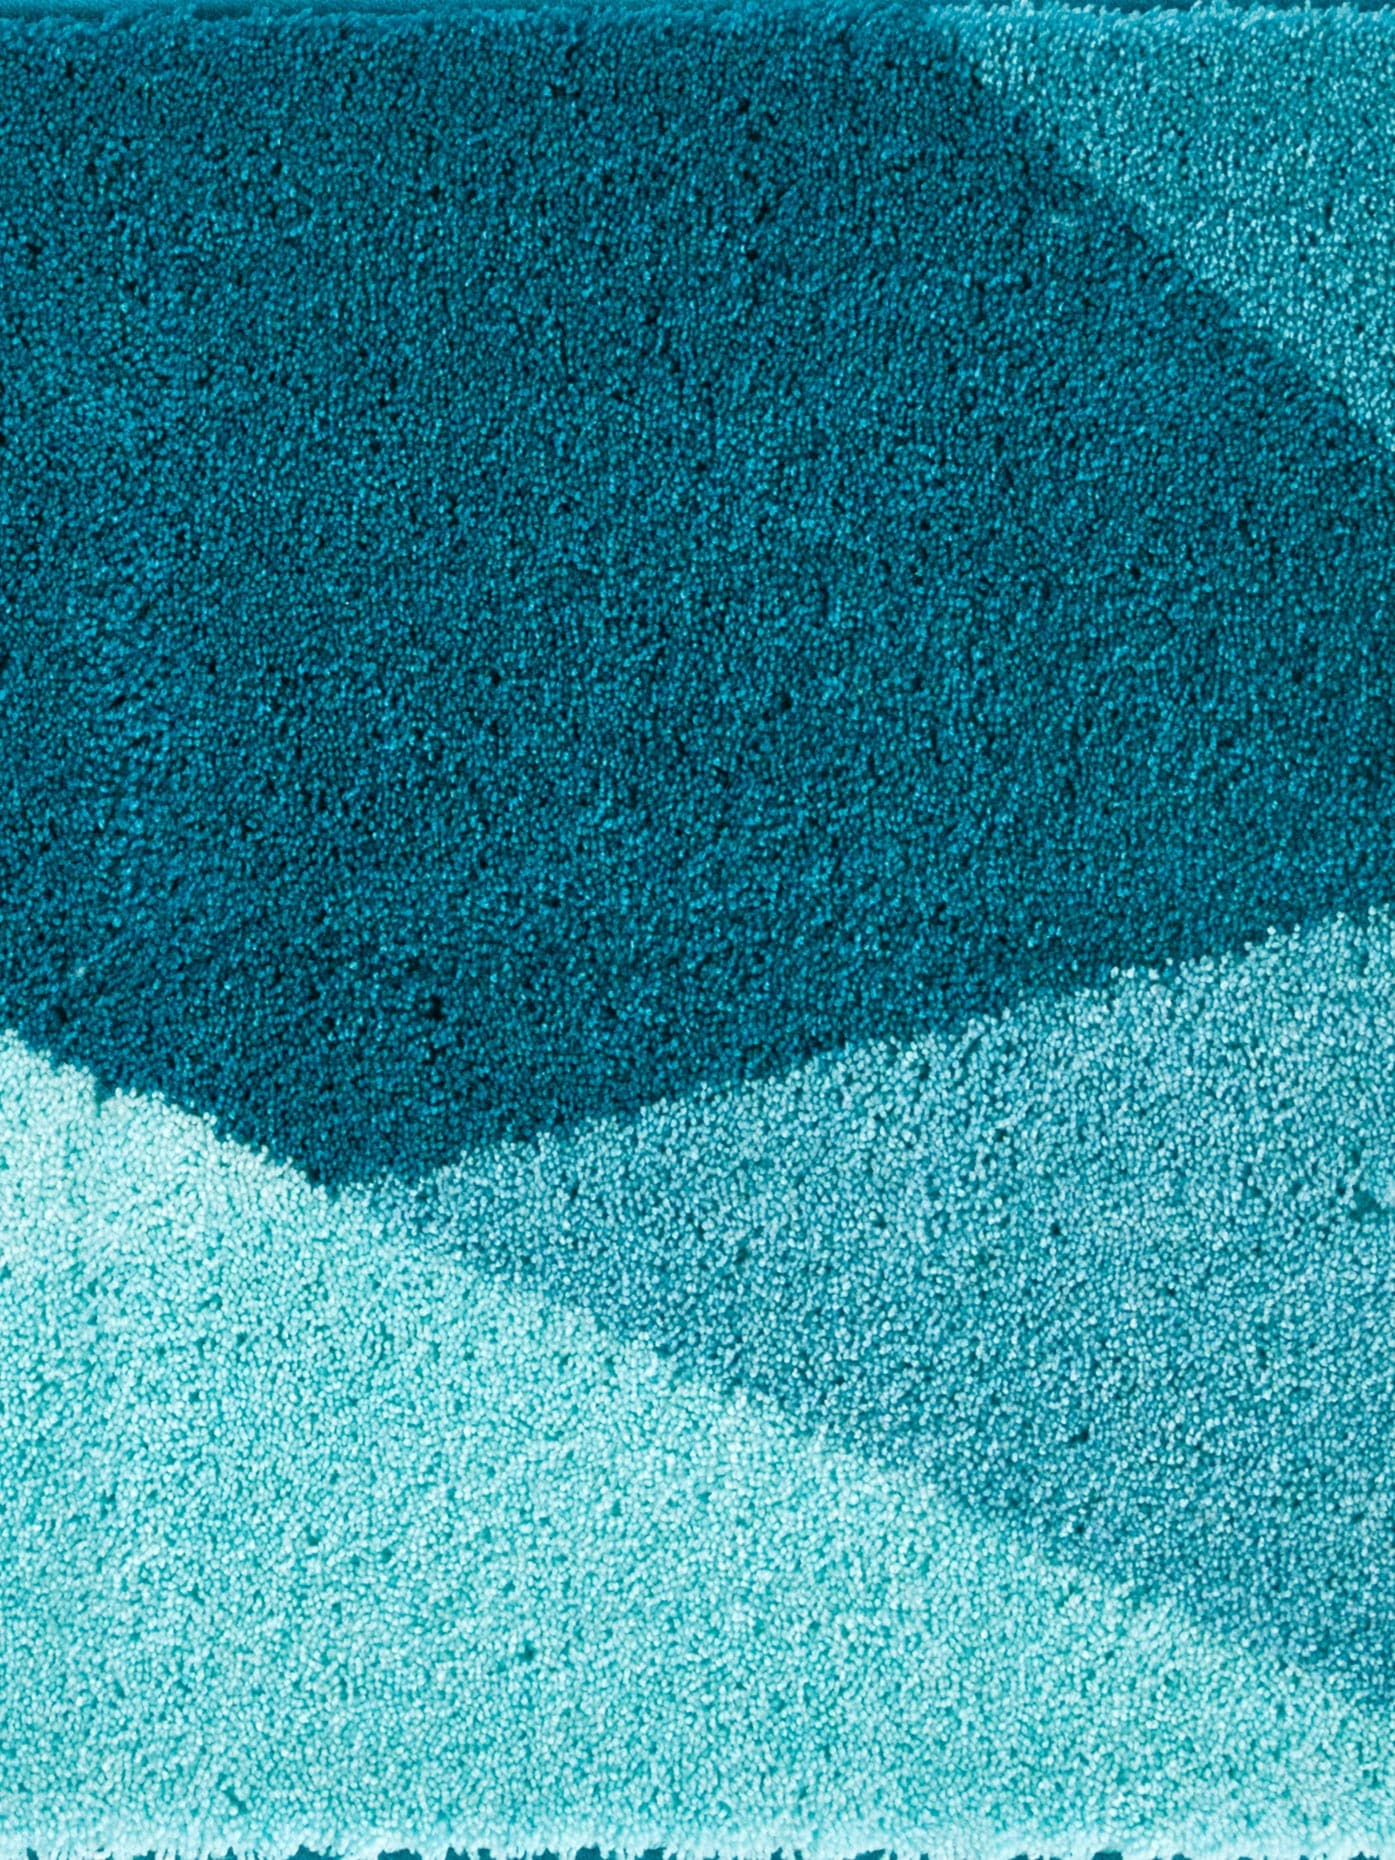 Grund Badematte, Höhe 20 mm blau Badematten Badematte